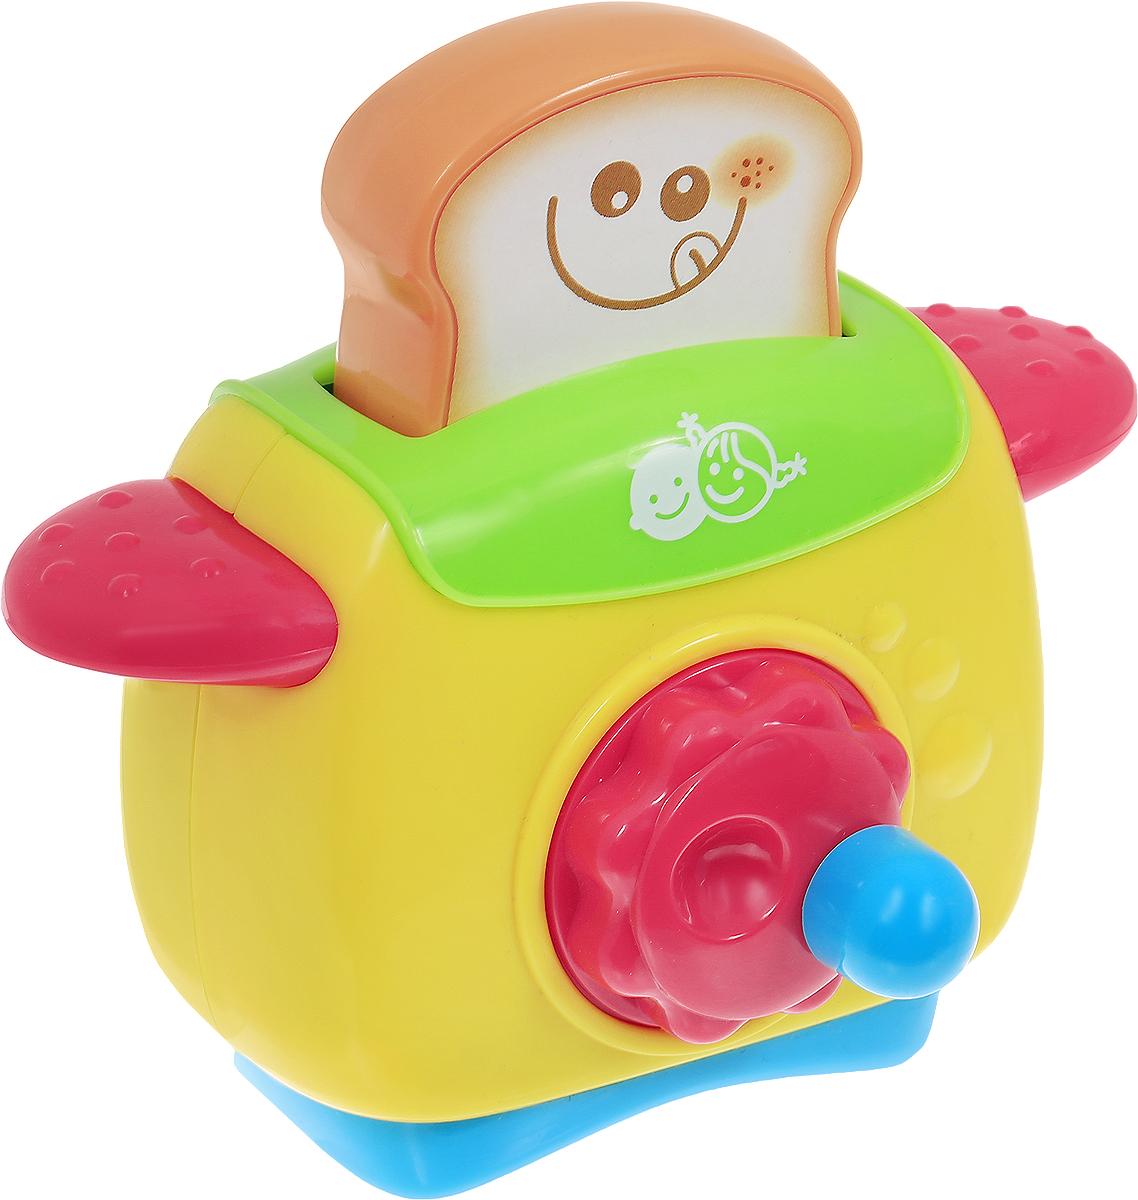 купить Playgo Развивающая игрушка Мой первый тостер онлайн